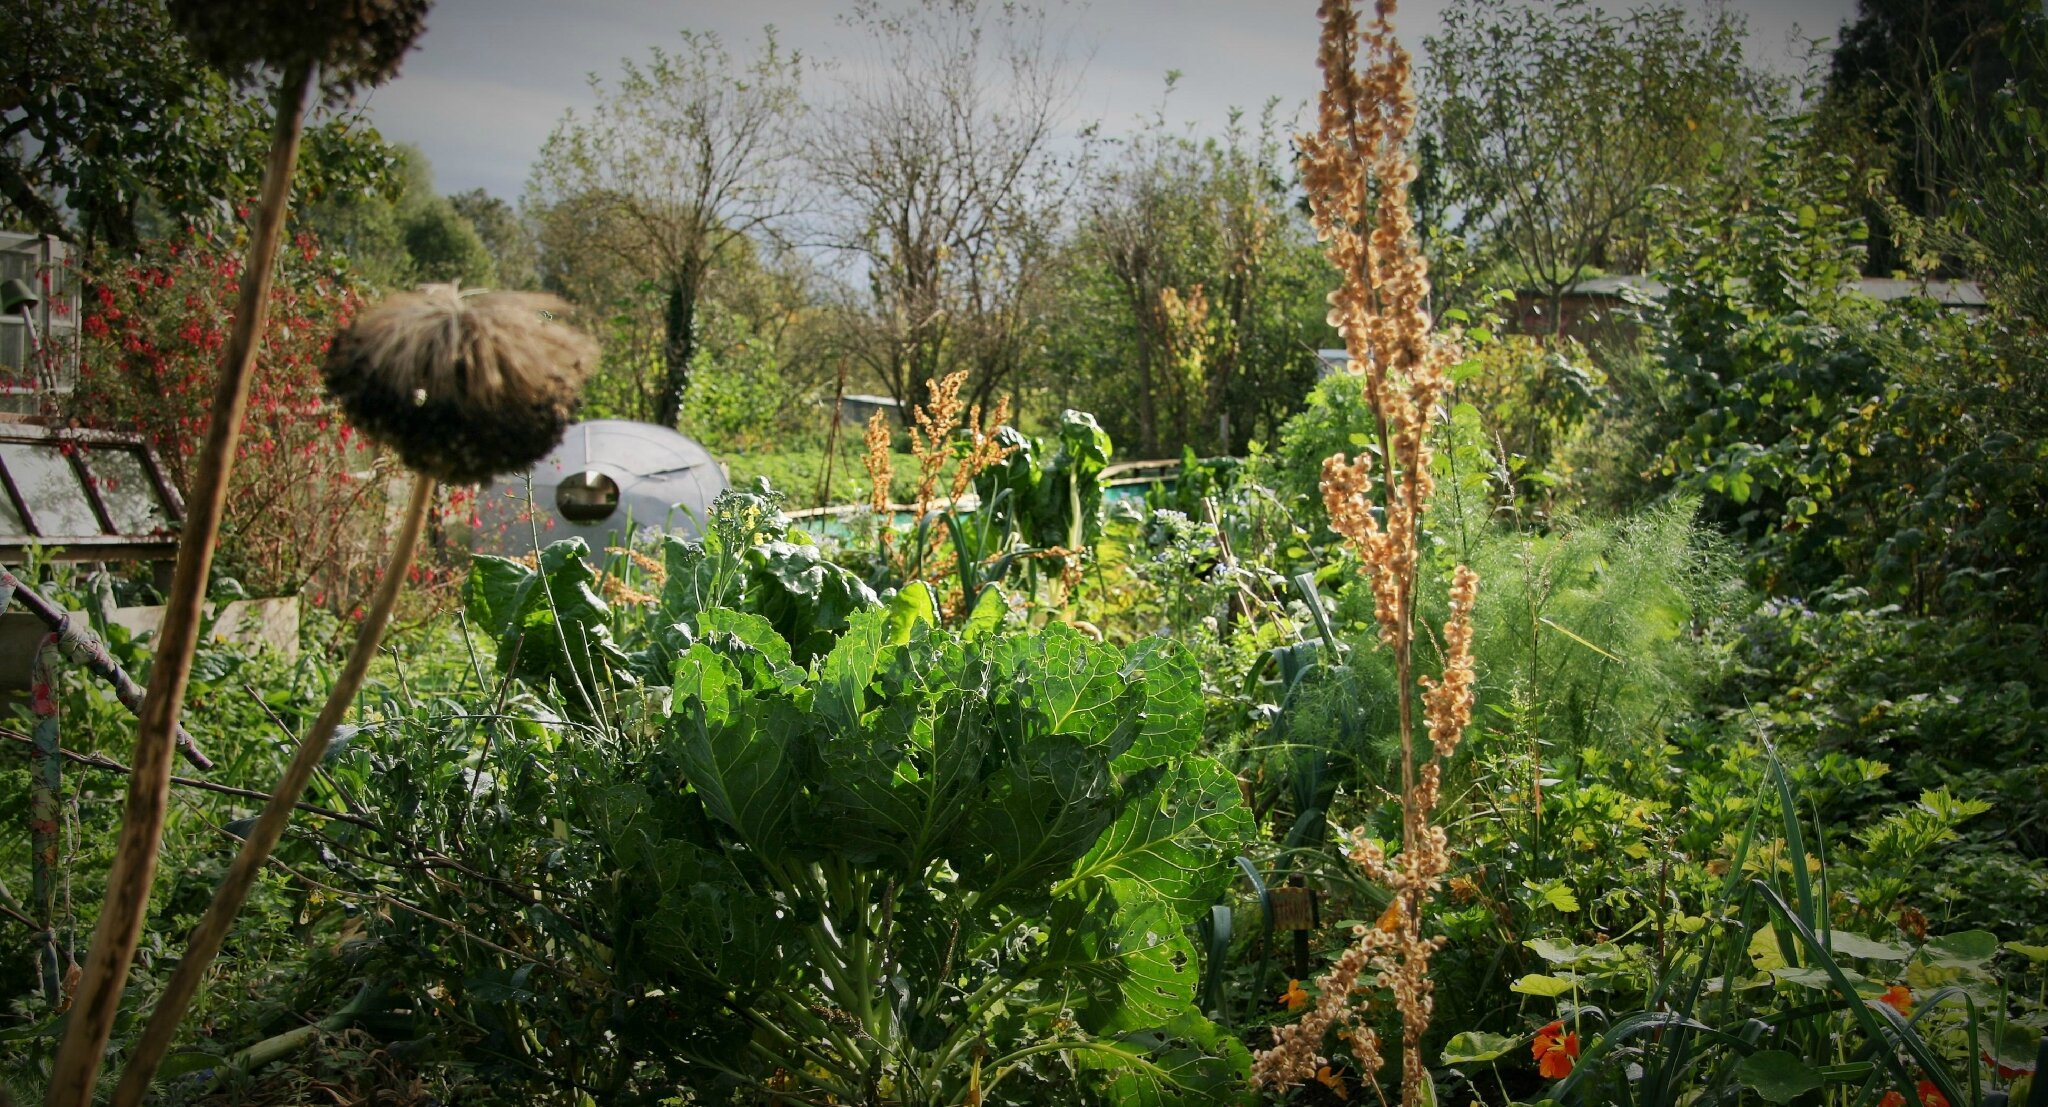 L'Escargotier et la permaculture : un désordre...très structuré !